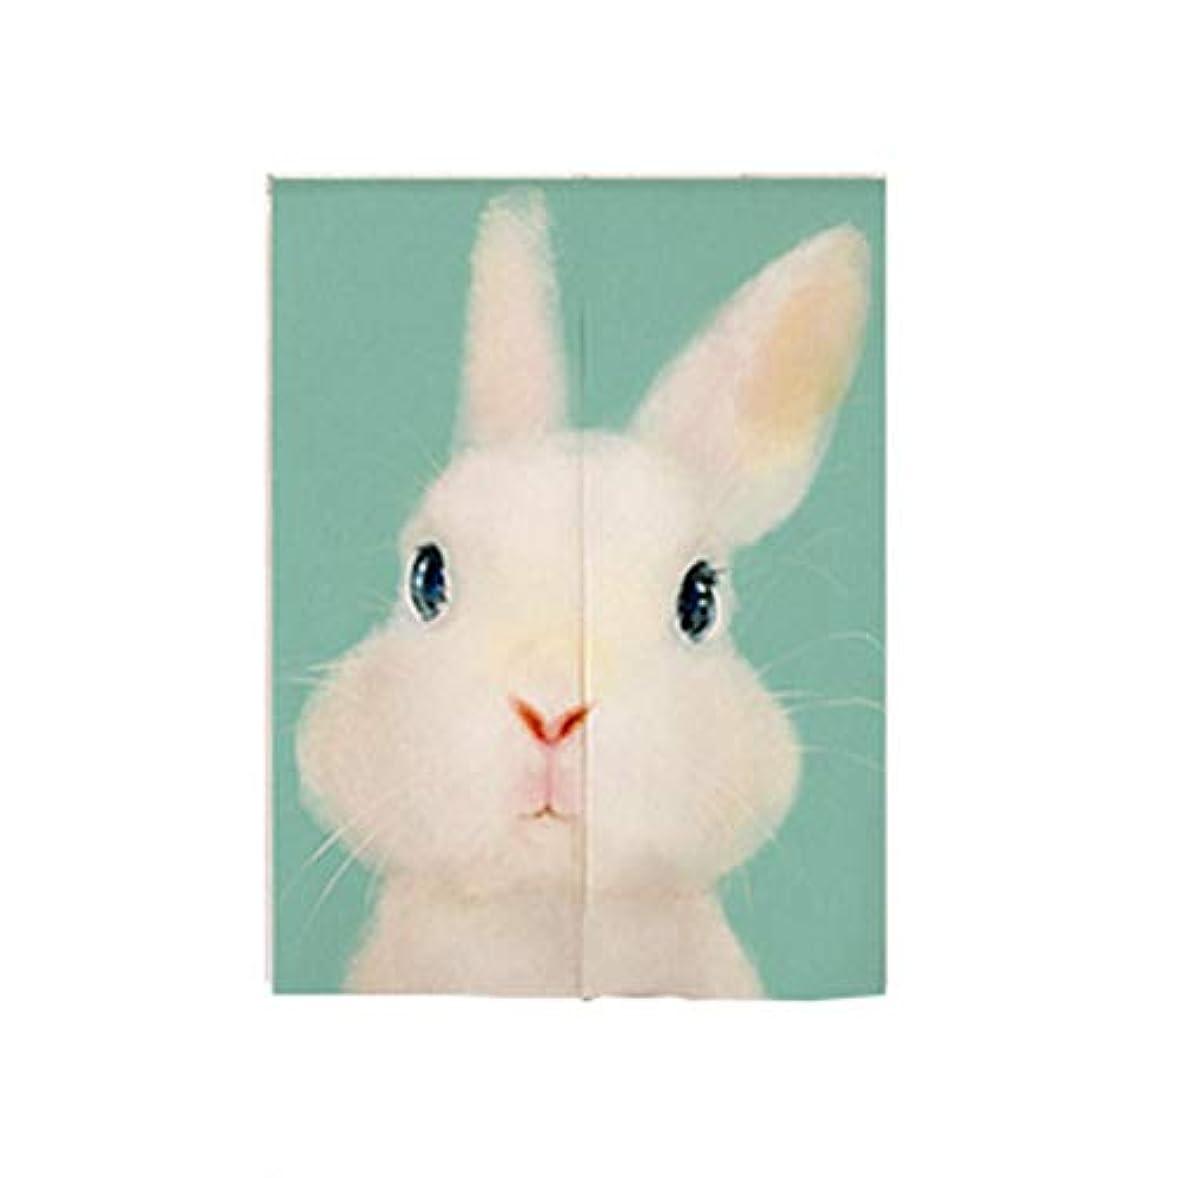 お気に入りレルム未亡人Saikogoods かわいいかわいい漫画の動物のプリントの子供のベッドルームリビングルームコットンカーテンハーフオープンカーテンドアカーテン マルチカラーミックス